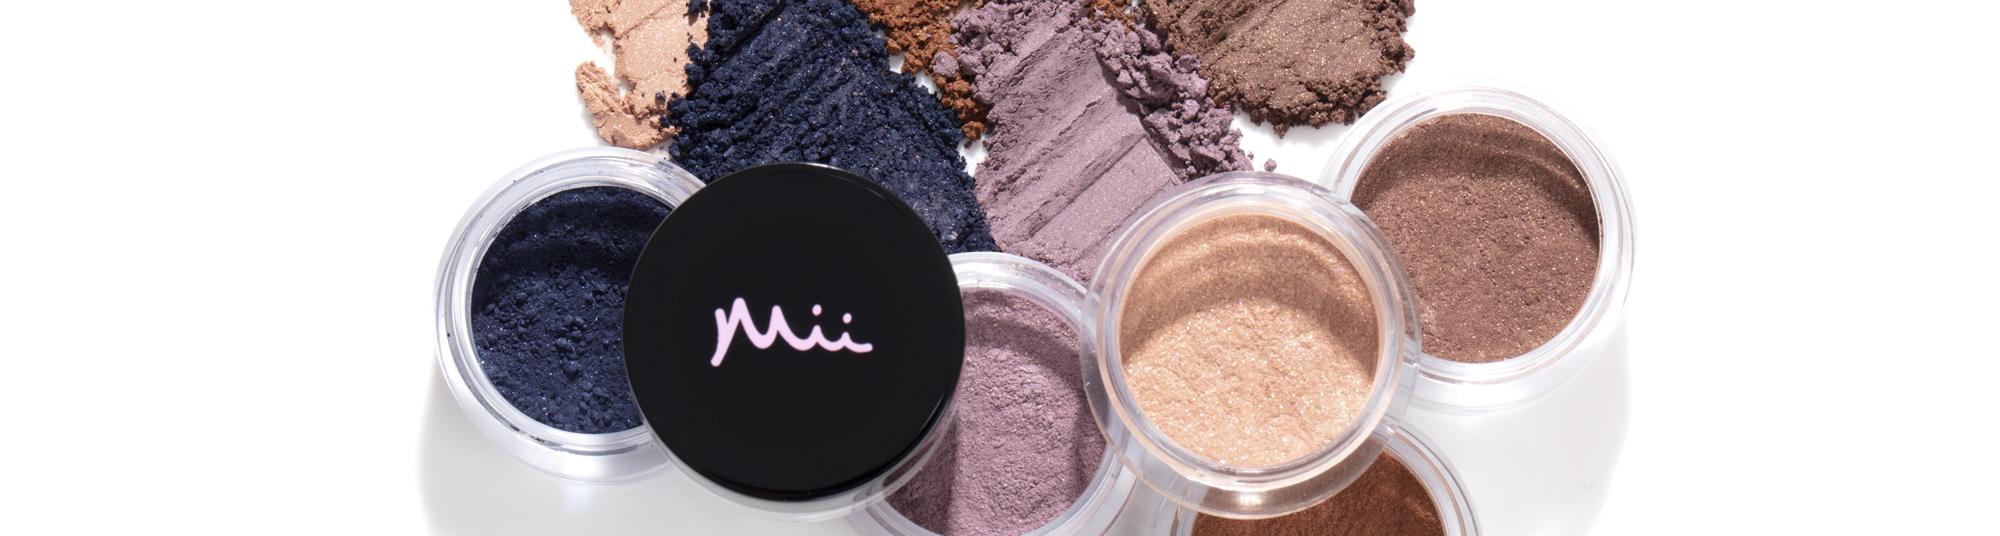 Mii Cosmetics Mineral Eyeshadow